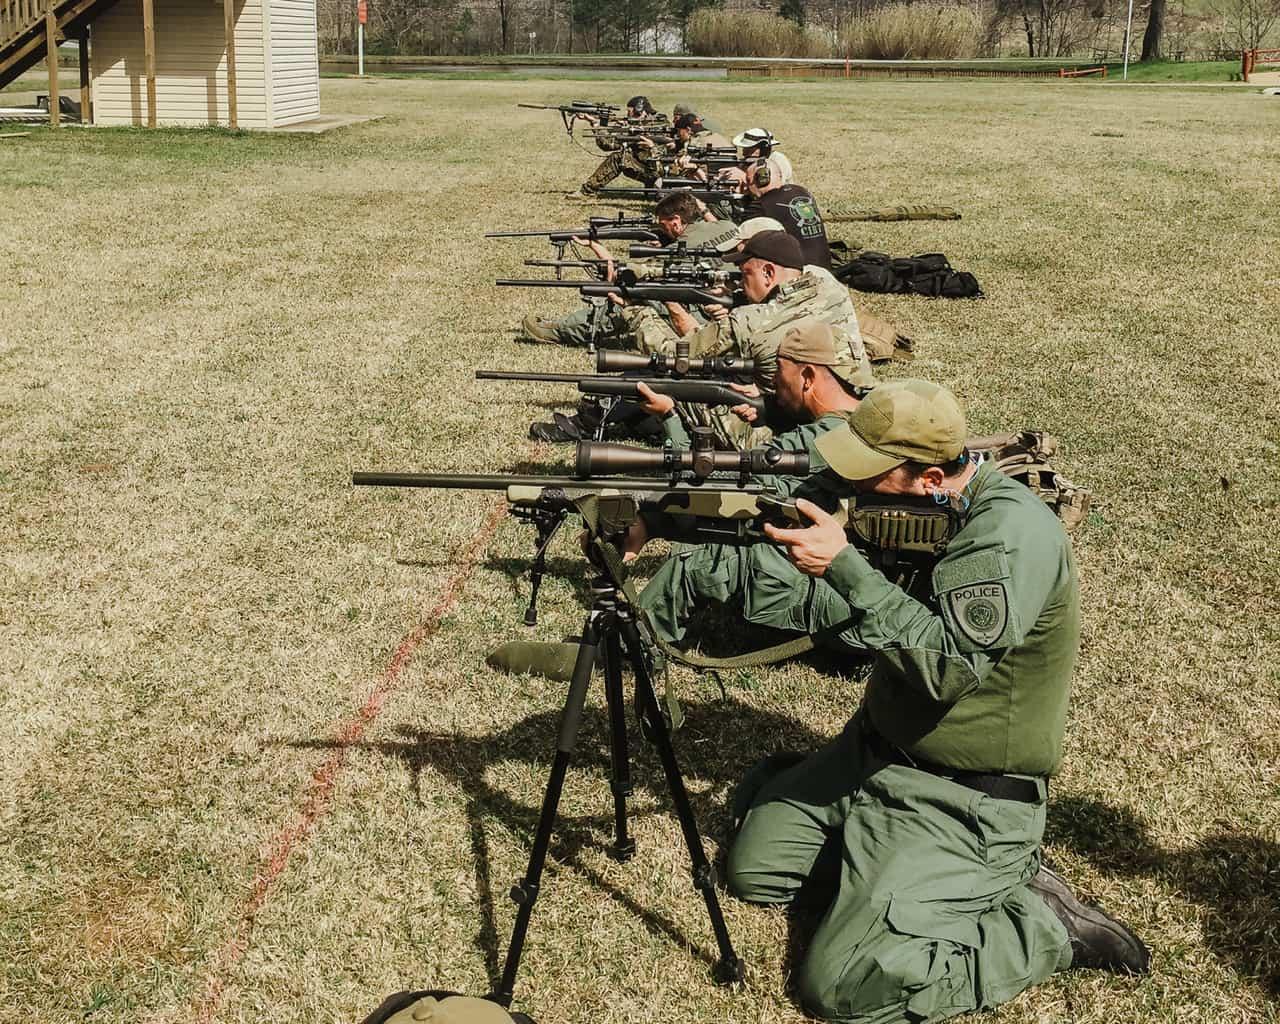 police-sniper-tripod-utilization-course-2